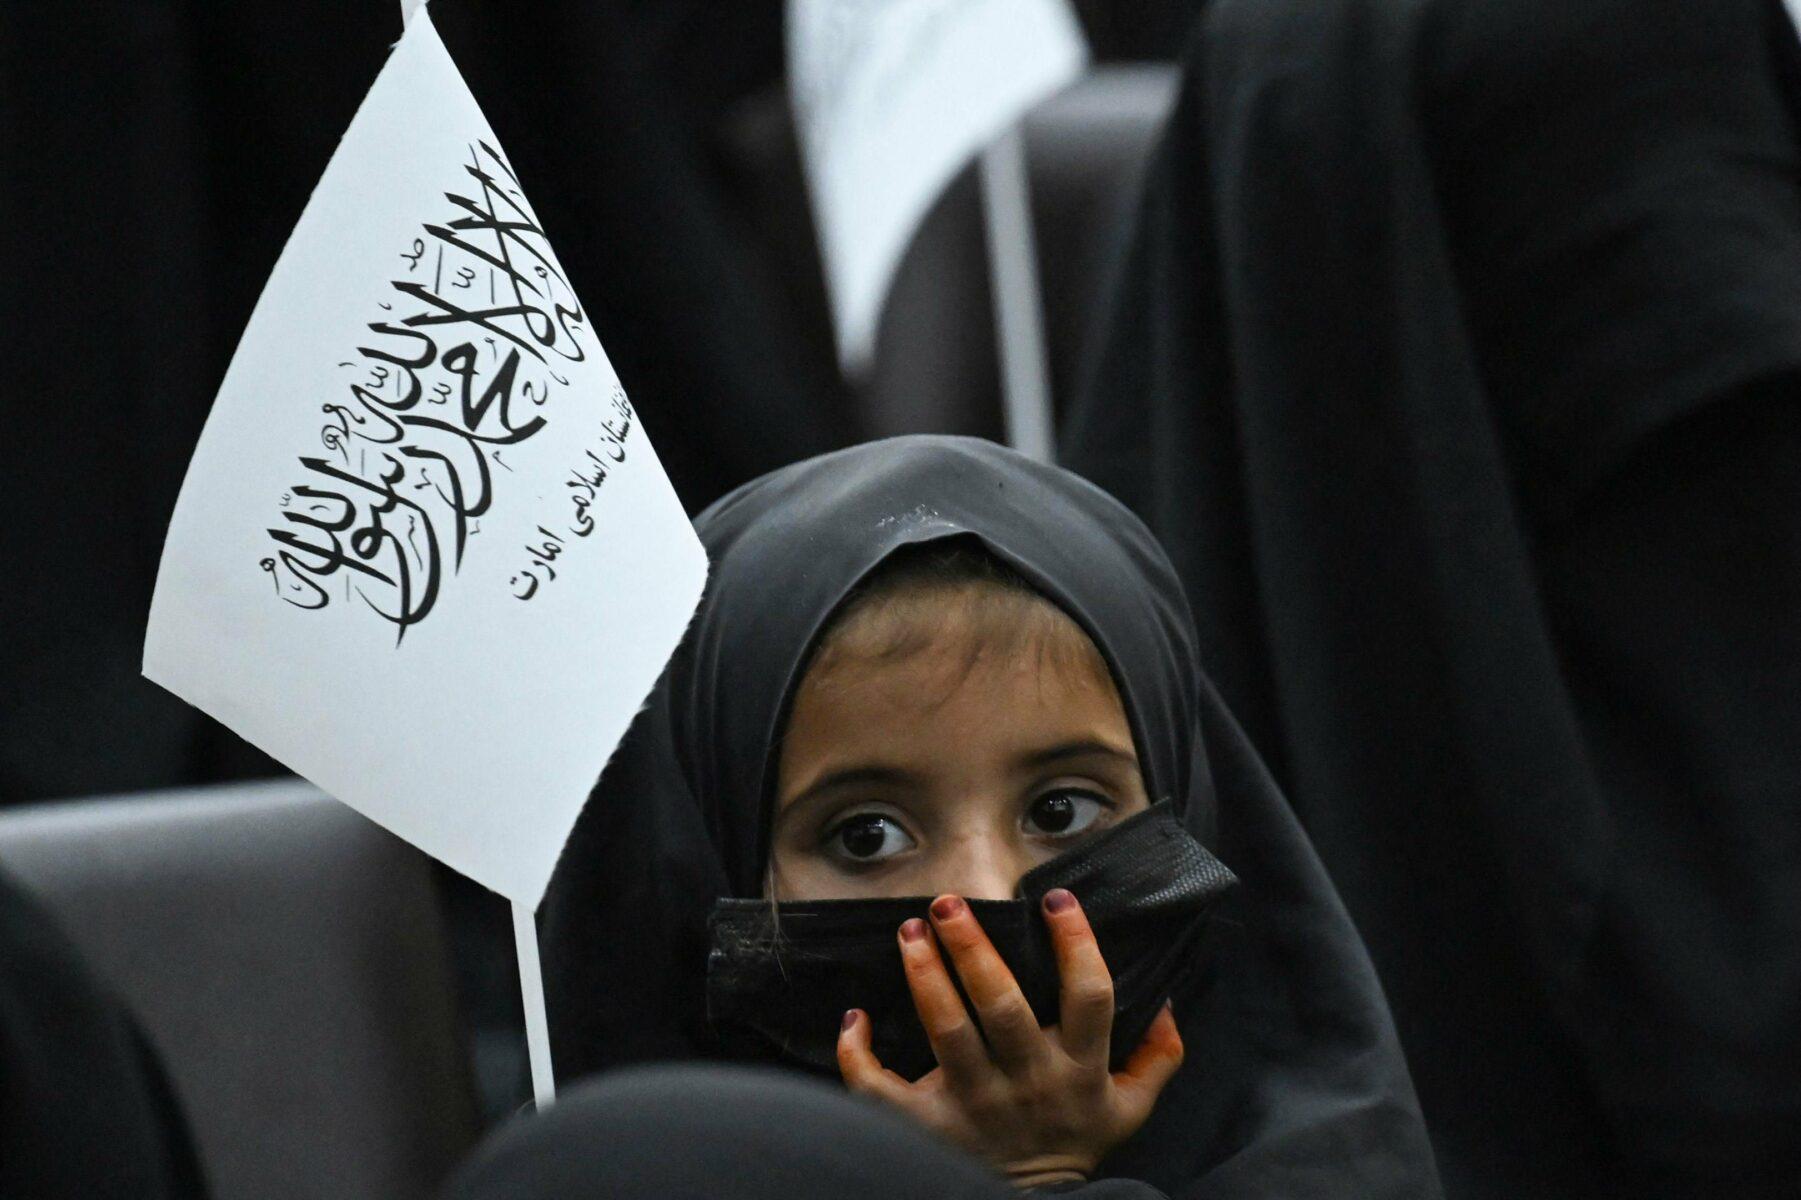 Hunnutettu tyttö matkalla Talibania kannattavaan mielenilmaukseen Kabulissa 11. syyskuuta. Tilaisuus järjestettiin Talibanin aloitteesta.